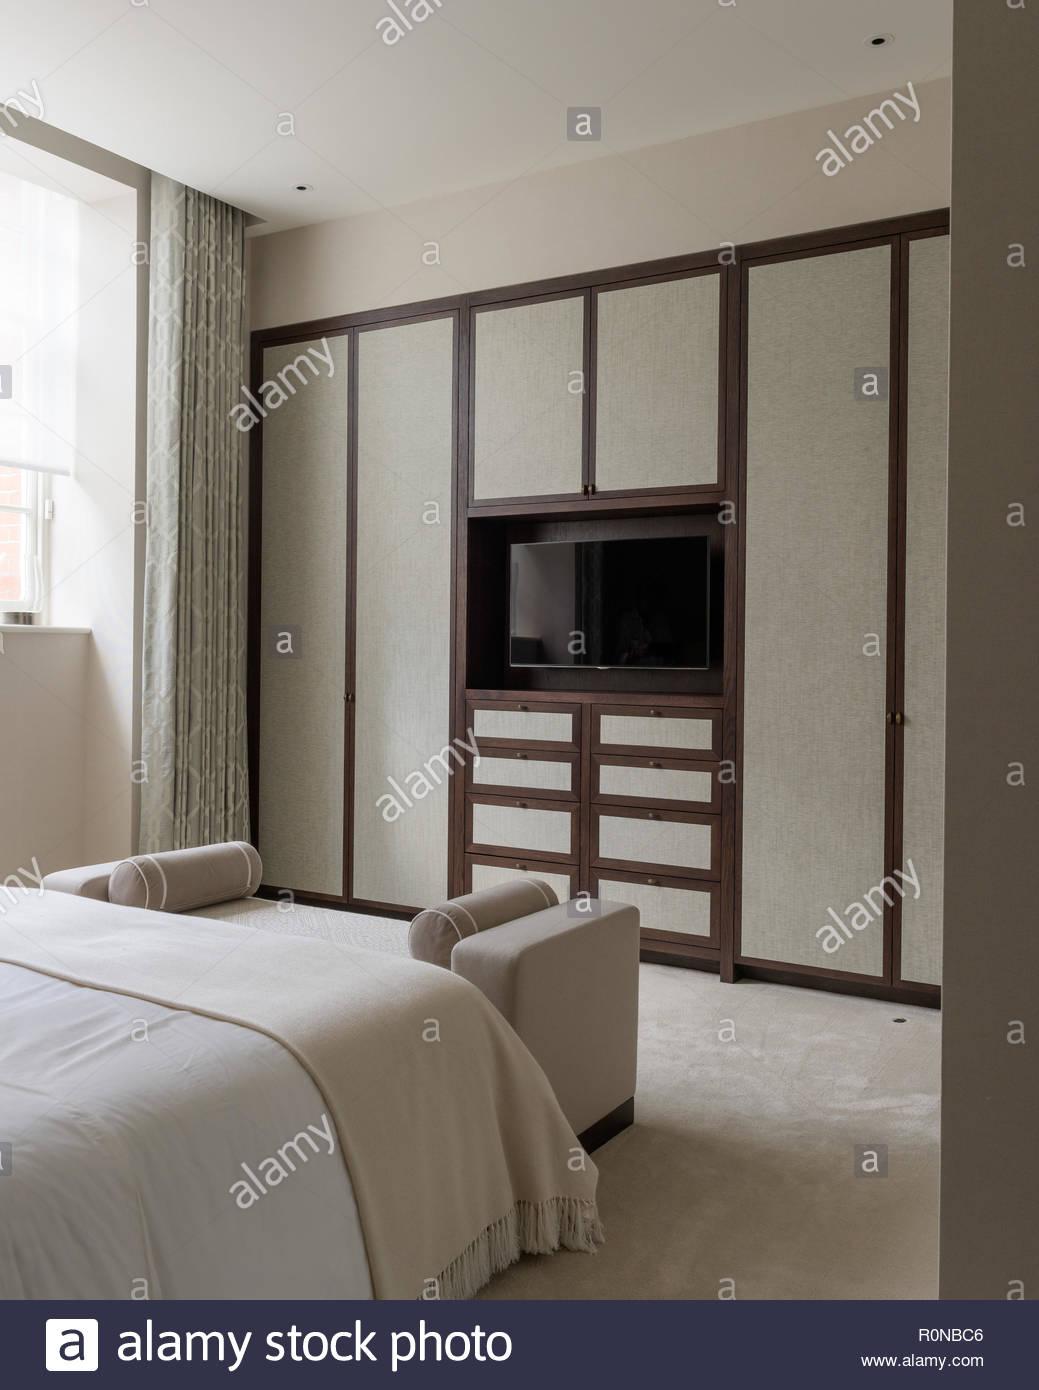 Flachbildschirm Fernseher Im Schlafzimmer Stockfoto Bild 224204742